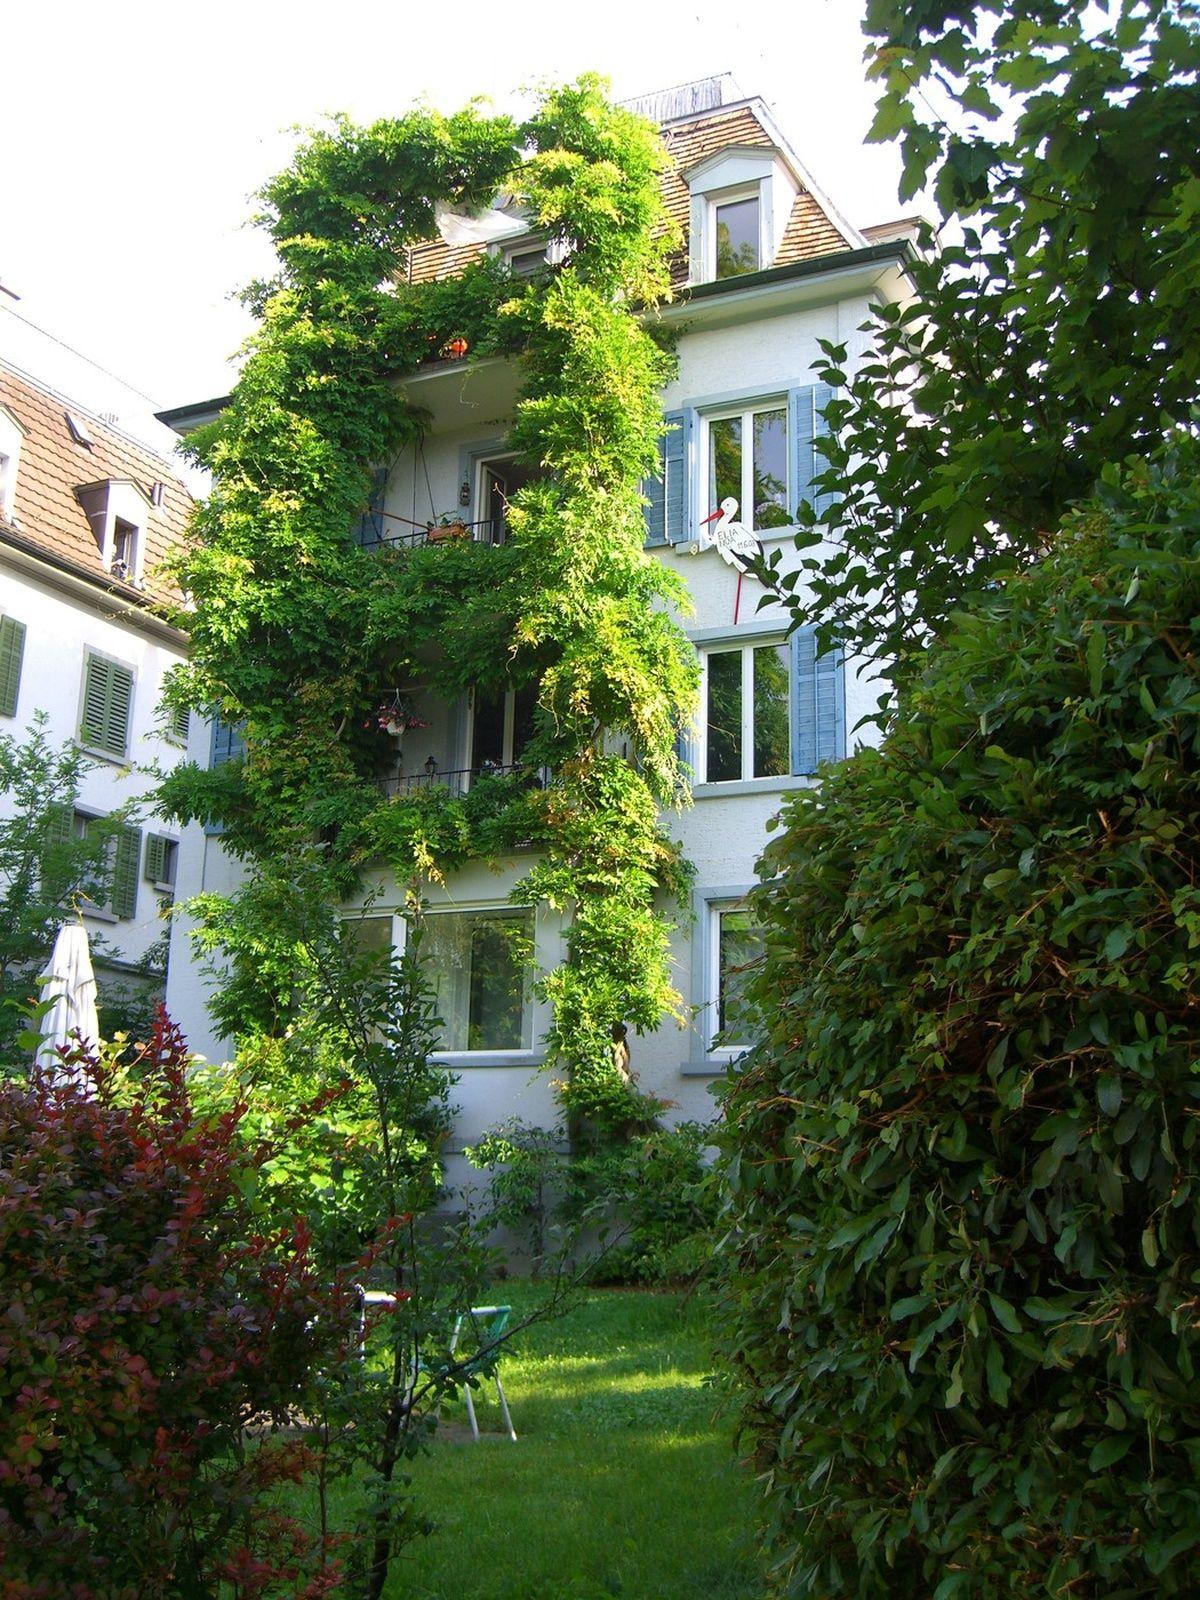 3 Rooms 55m 8052 Zurich Flatfox Wohnung Mieten Wohnideen Wohnung